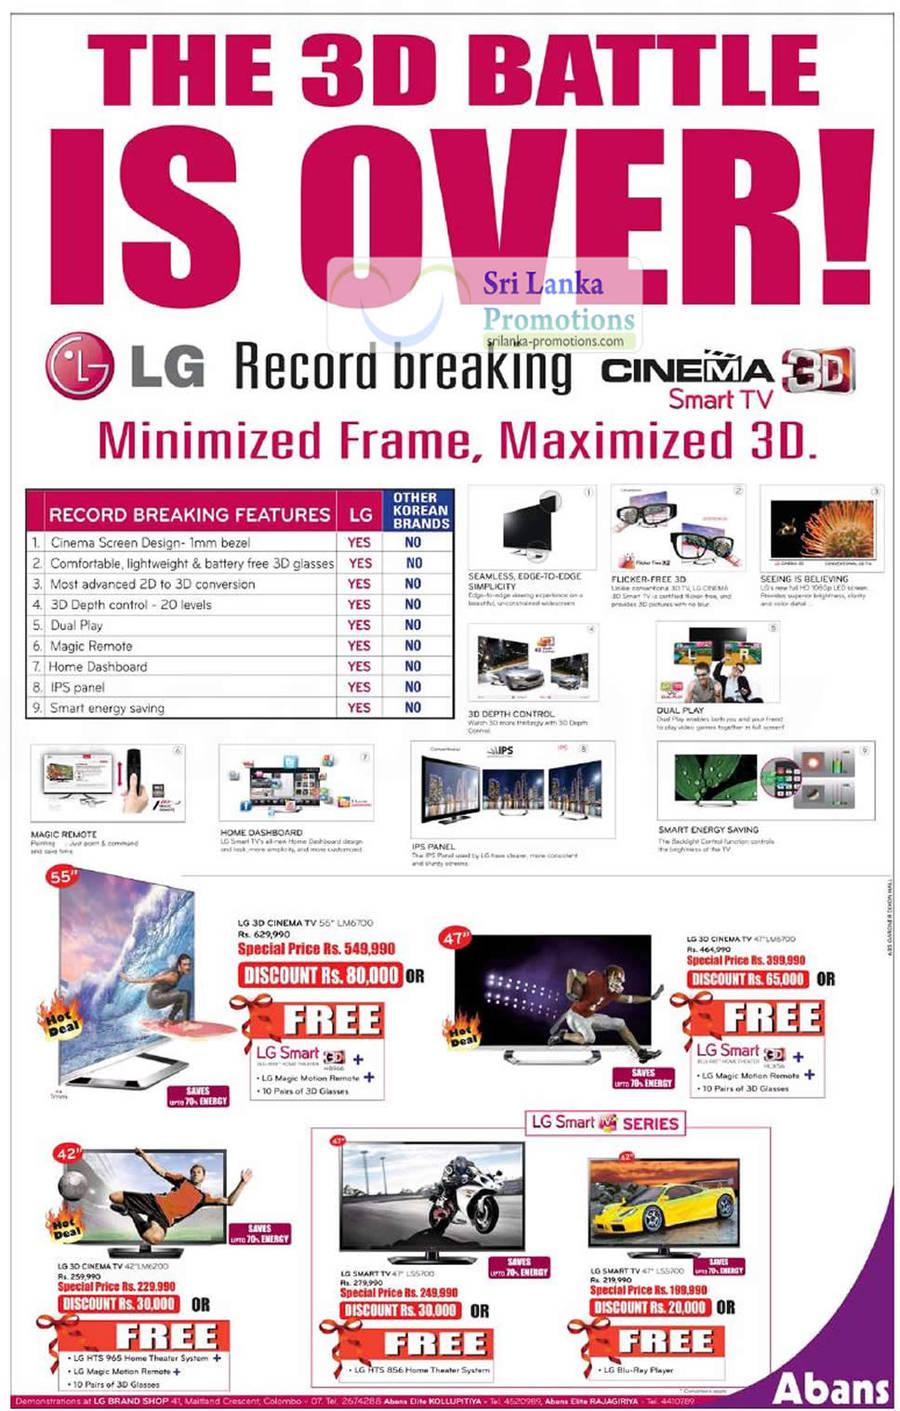 LG 3D CINEMA TV 47LM6700, LG 3D CINEMA TV 55LM6700, LG 3D CINEMA TV 42LM6200, LG LED TV 47LS5700